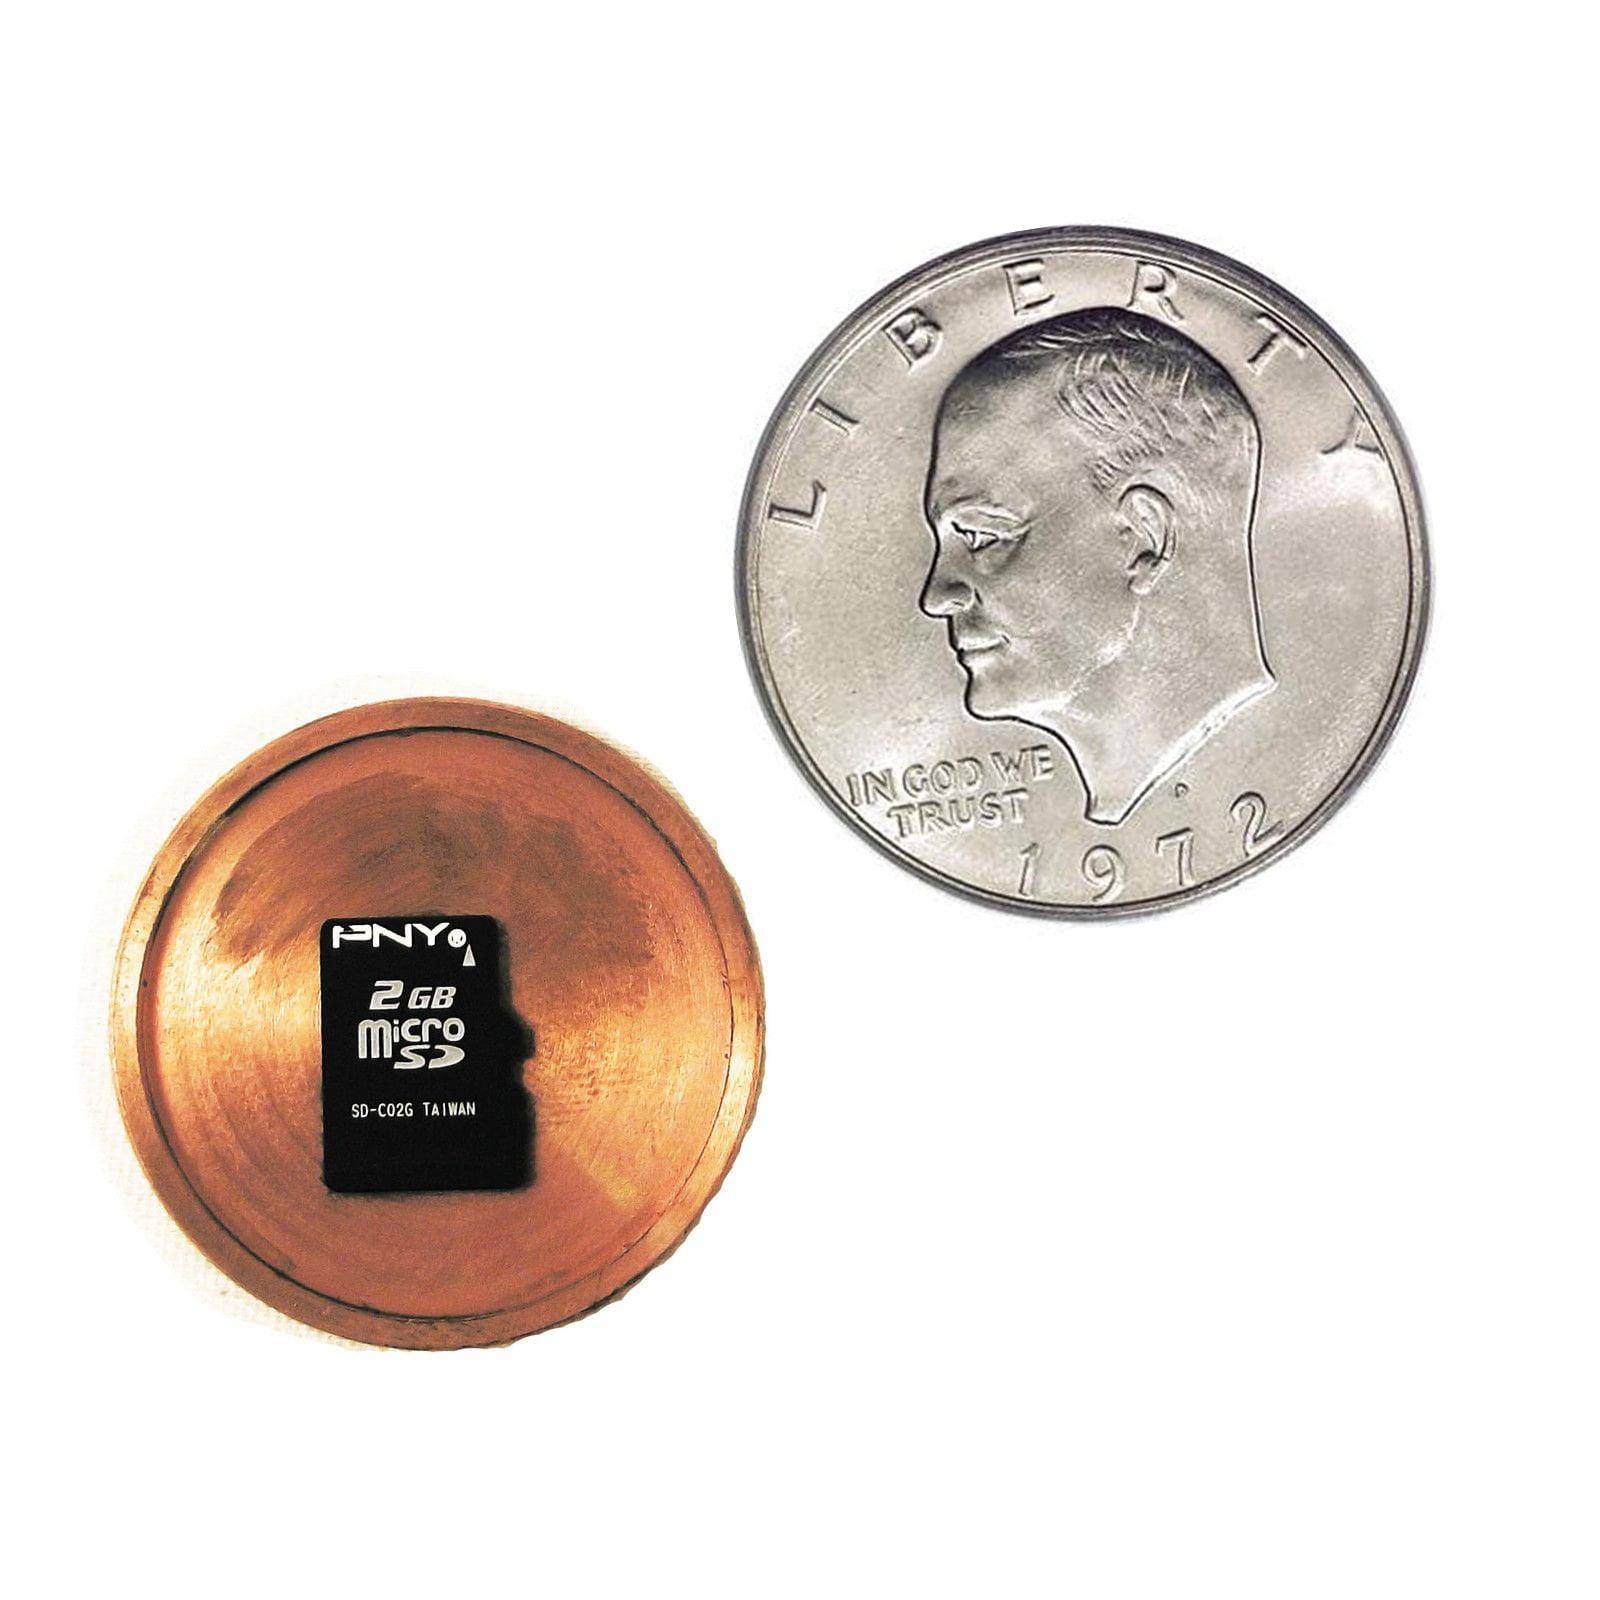 Secret coins